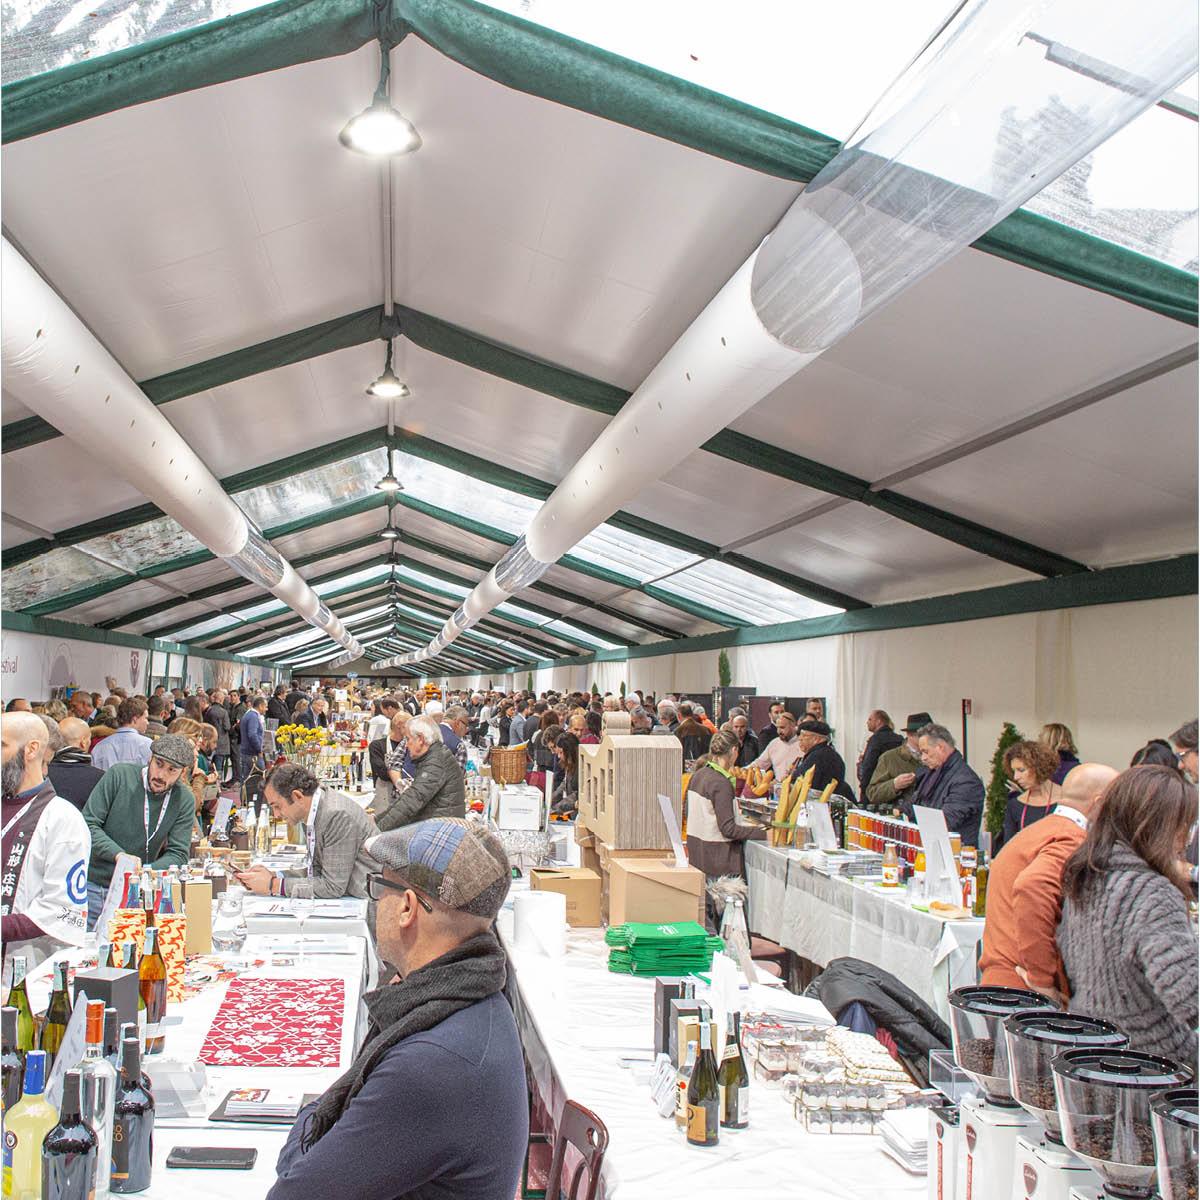 La GourmetArena è la location dedicata alle degustazioni di culinaria, acquaviti e birra